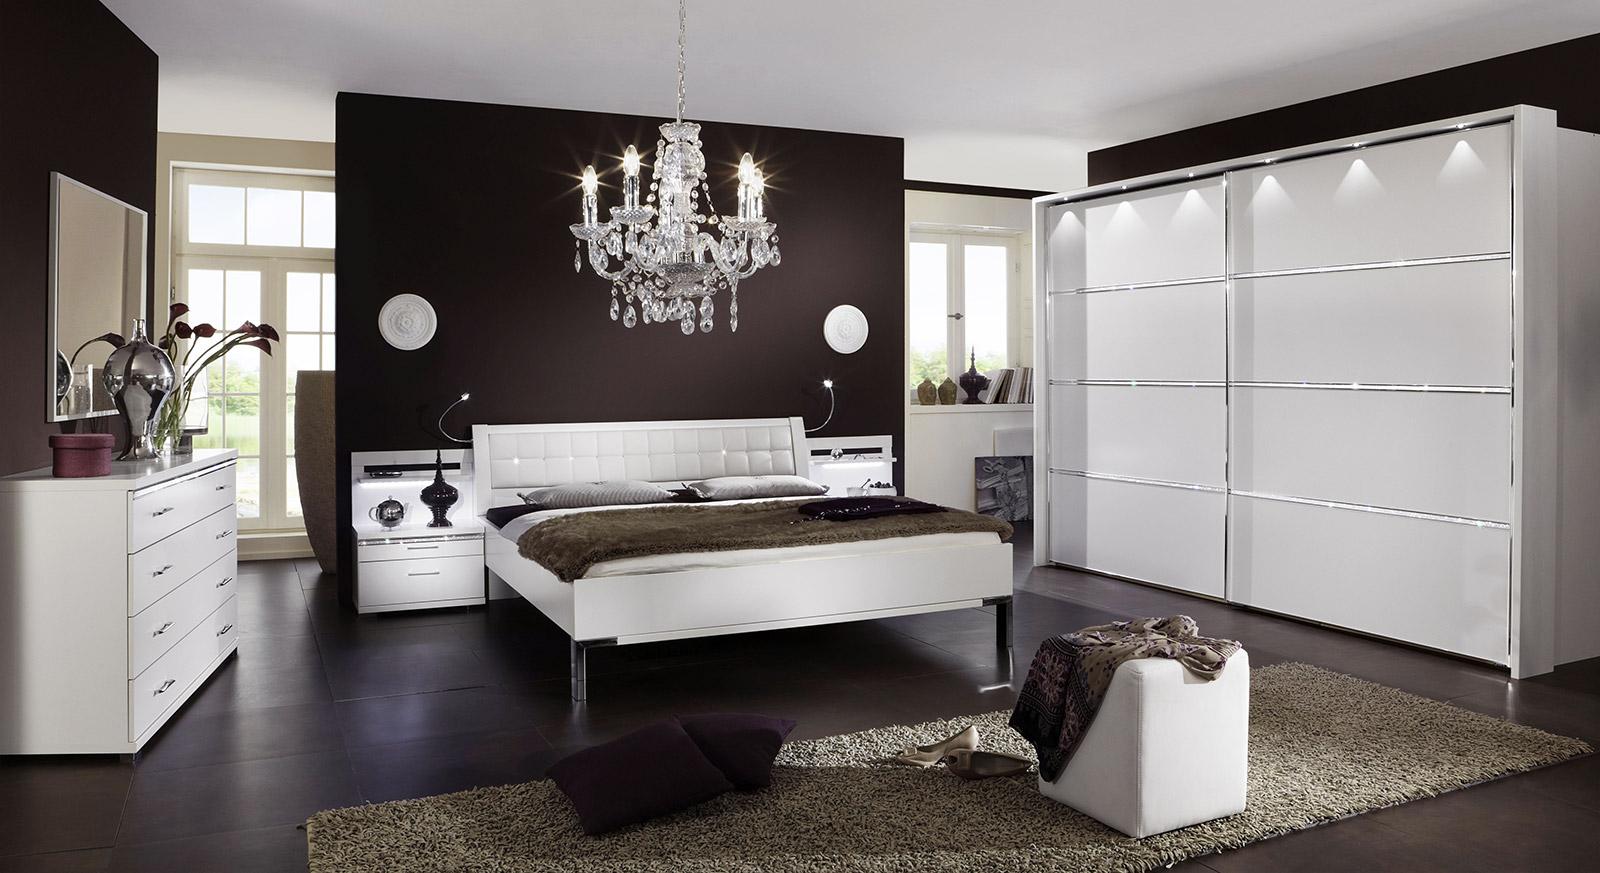 Full Size of Komplett Schlafzimmer Günstig Gnstig Günstige Wandtattoos Mit Lattenrost Und Matratze Betten Badezimmer Kommode Weiß Set Komplettangebote Komplette Schlafzimmer Komplett Schlafzimmer Günstig